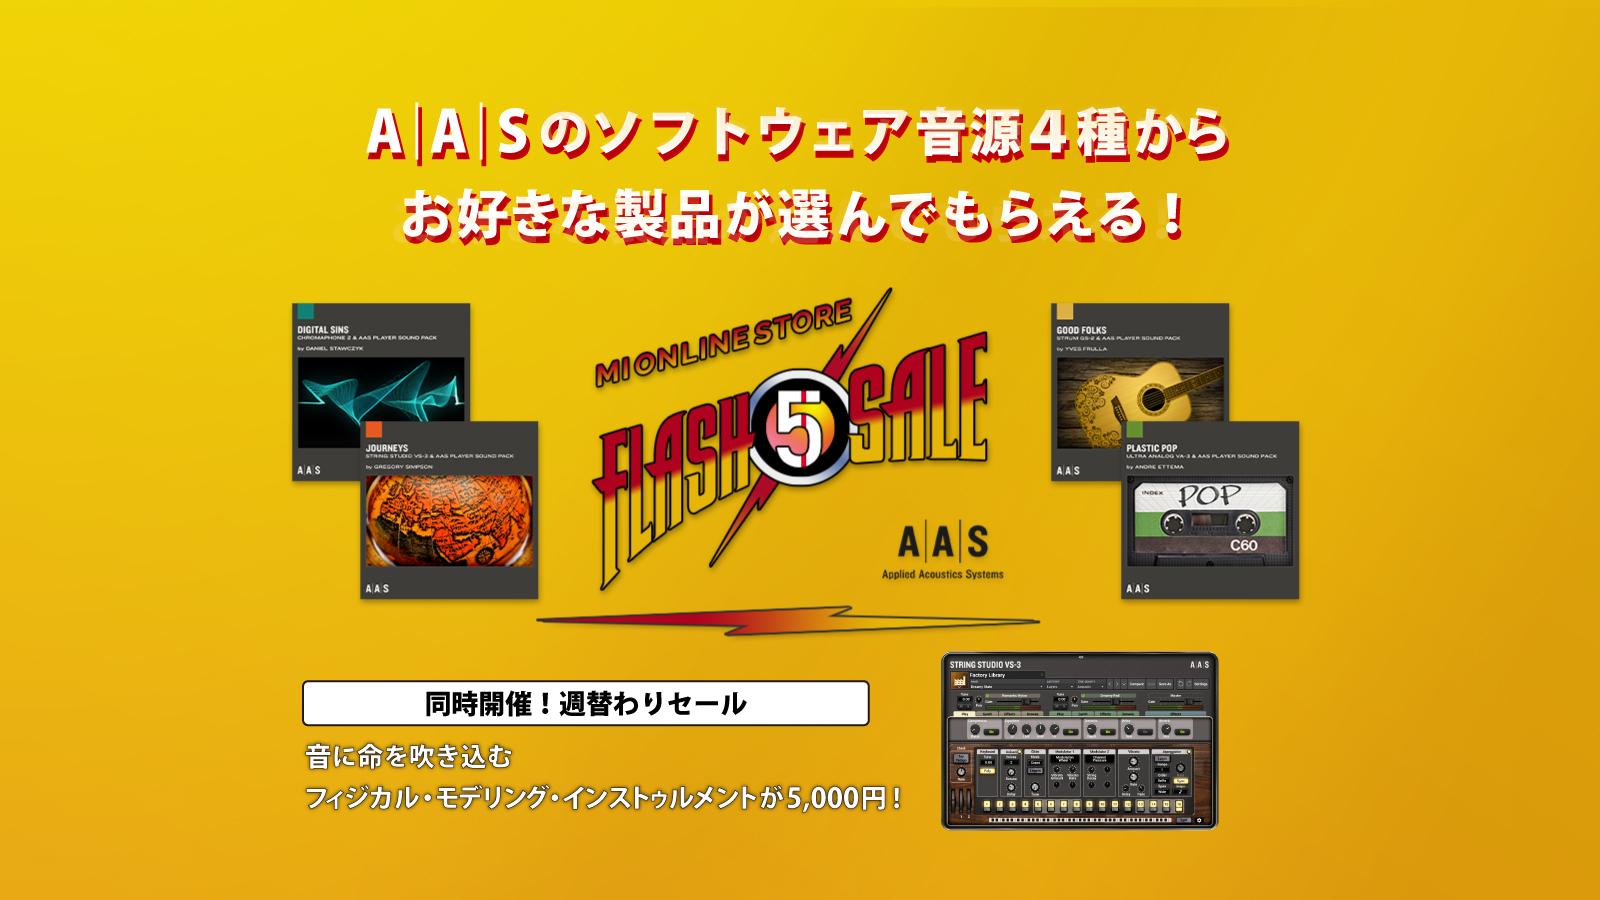 MI オンラインストア – AAS 週替わり フラッシュ・セール!